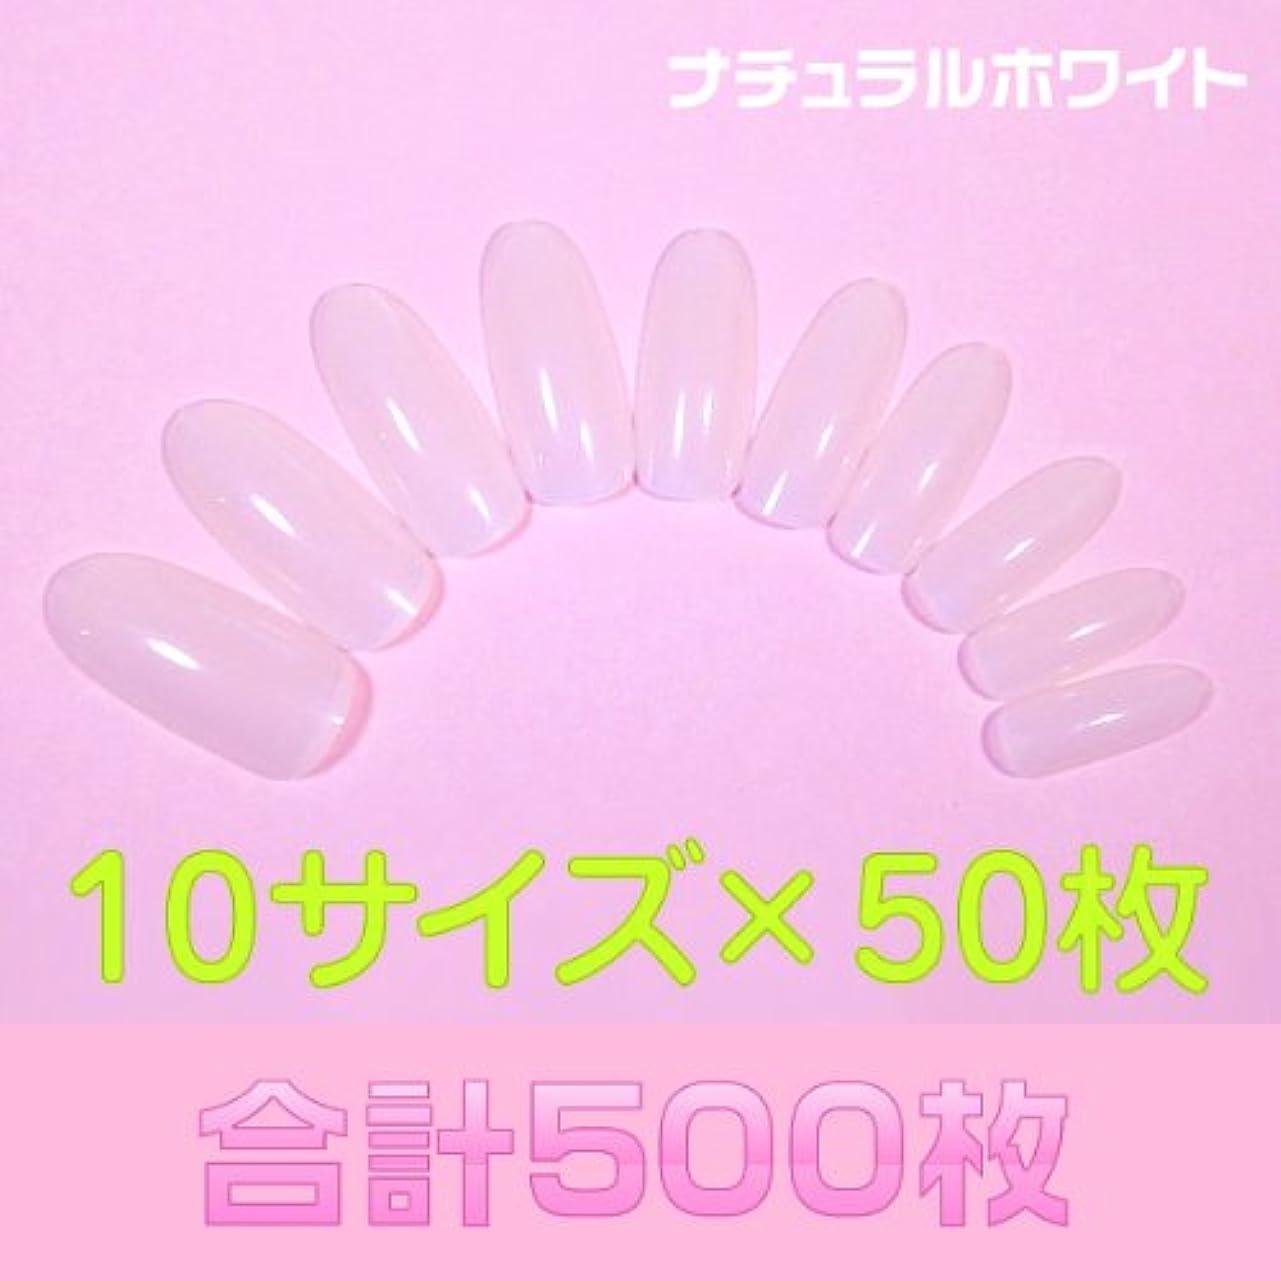 去るマウス記念日ネイルチップ 無地 ナチュラルホワイト ロングオーバル500枚 [#4]フルカバーオーダー用通販 つけ爪付け爪